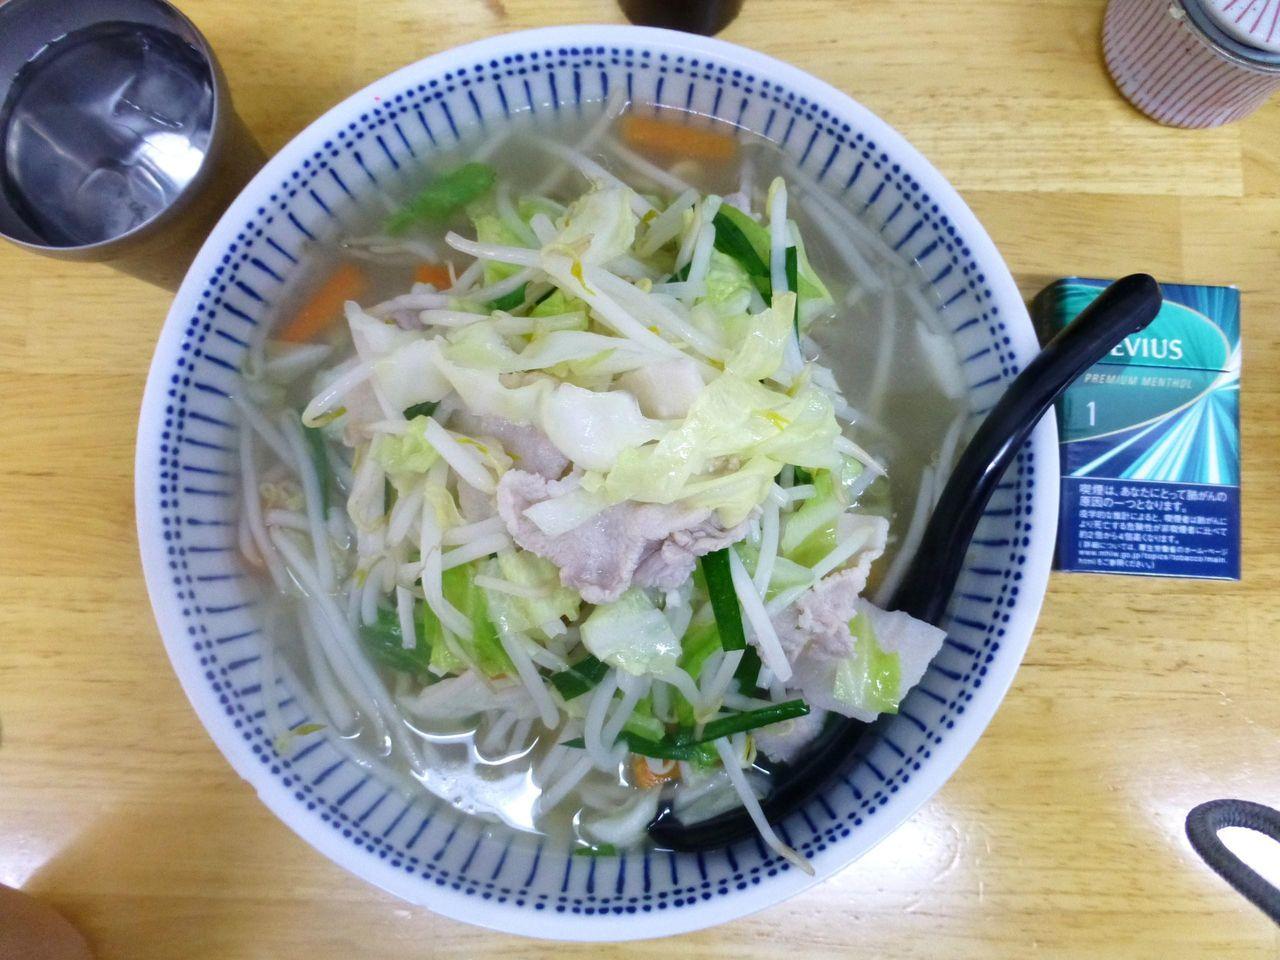 タンメン大盛は、直径21センチの大容量の丼を使用!